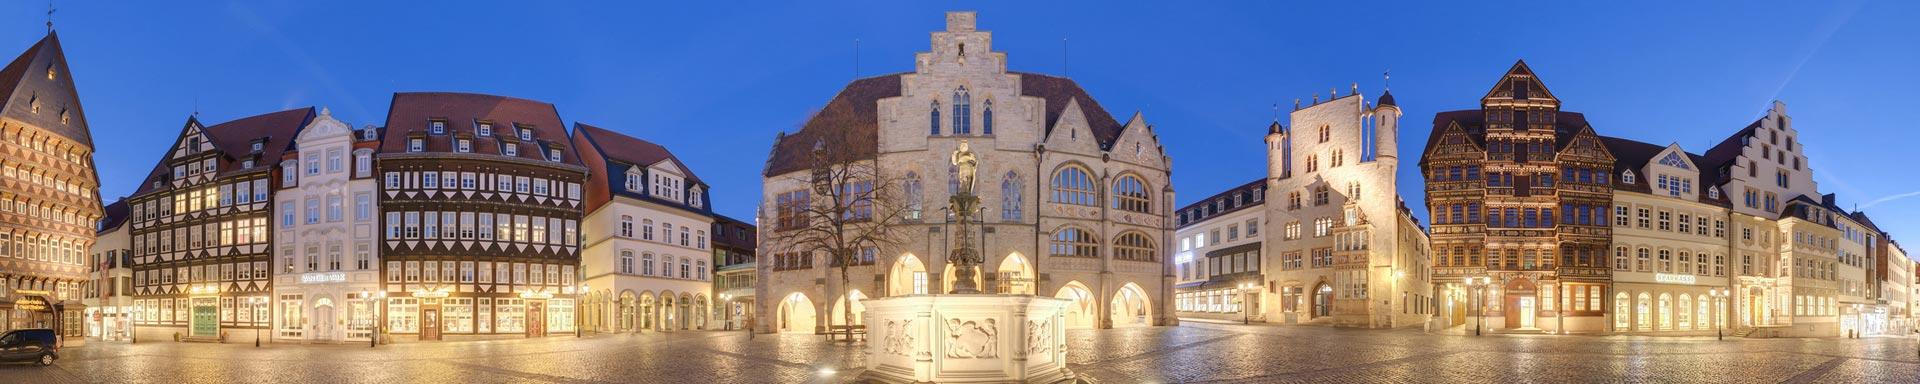 Hildesheim 1920x384